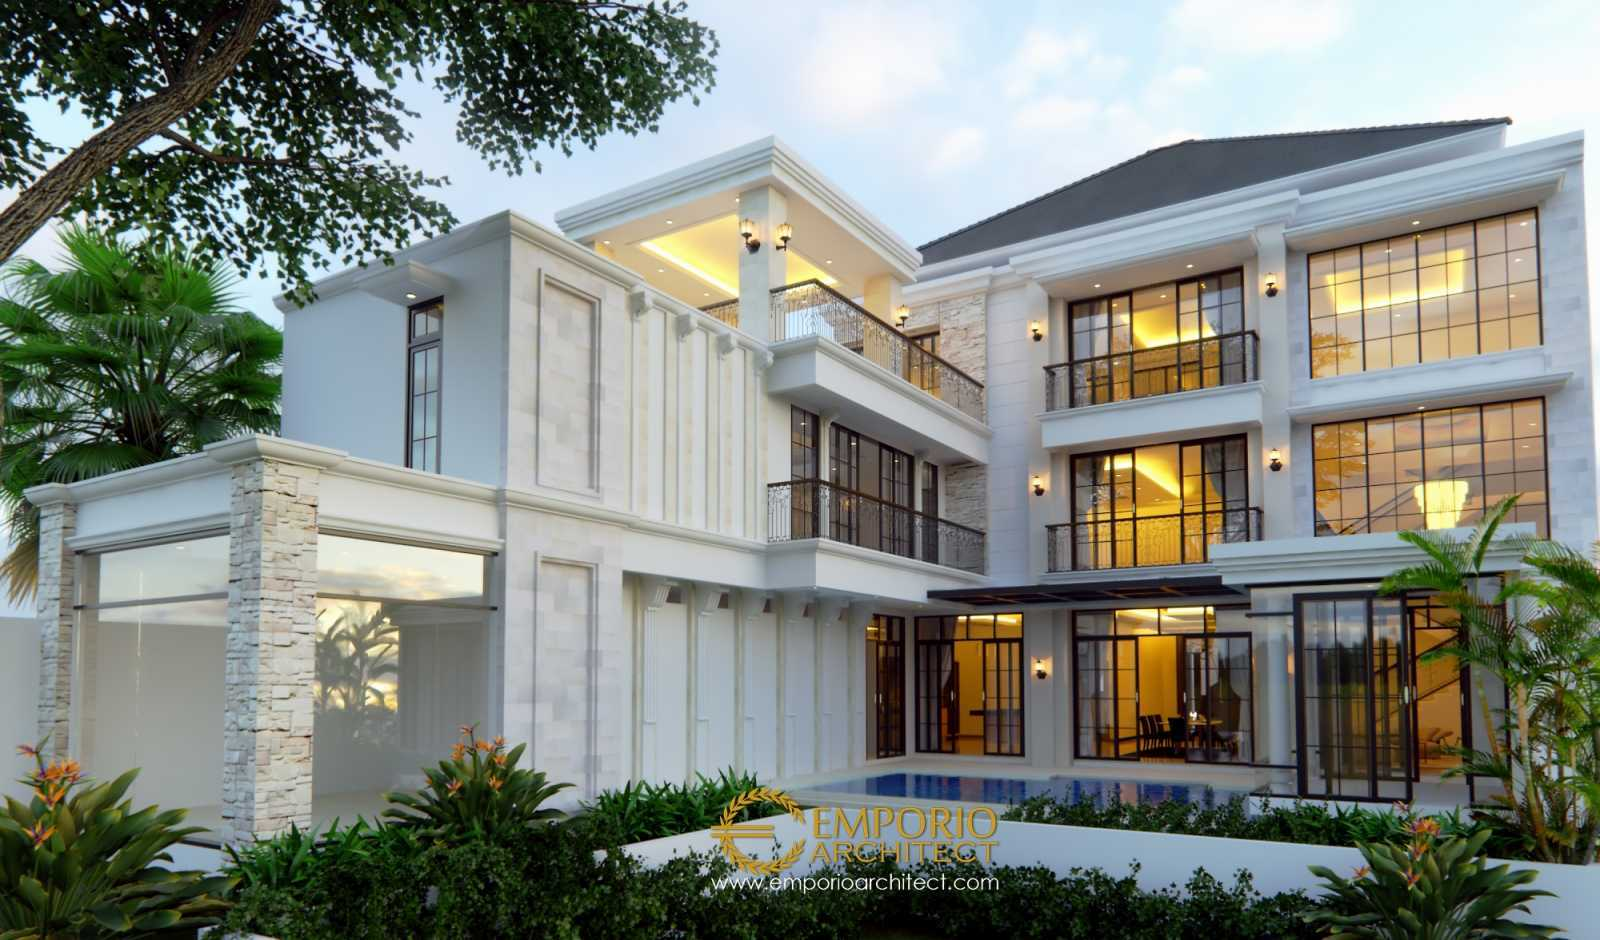 Emporio Architect Jasa Arsitek Jakarta Desain Rumah Classic Tropis 440 @ Jakarta Jakarta, Daerah Khusus Ibukota Jakarta, Indonesia Jakarta, Daerah Khusus Ibukota Jakarta, Indonesia Emporio-Architect-Jasa-Arsitek-Jakarta-Desain-Rumah-Classic-Tropis-440-Jakarta   85733